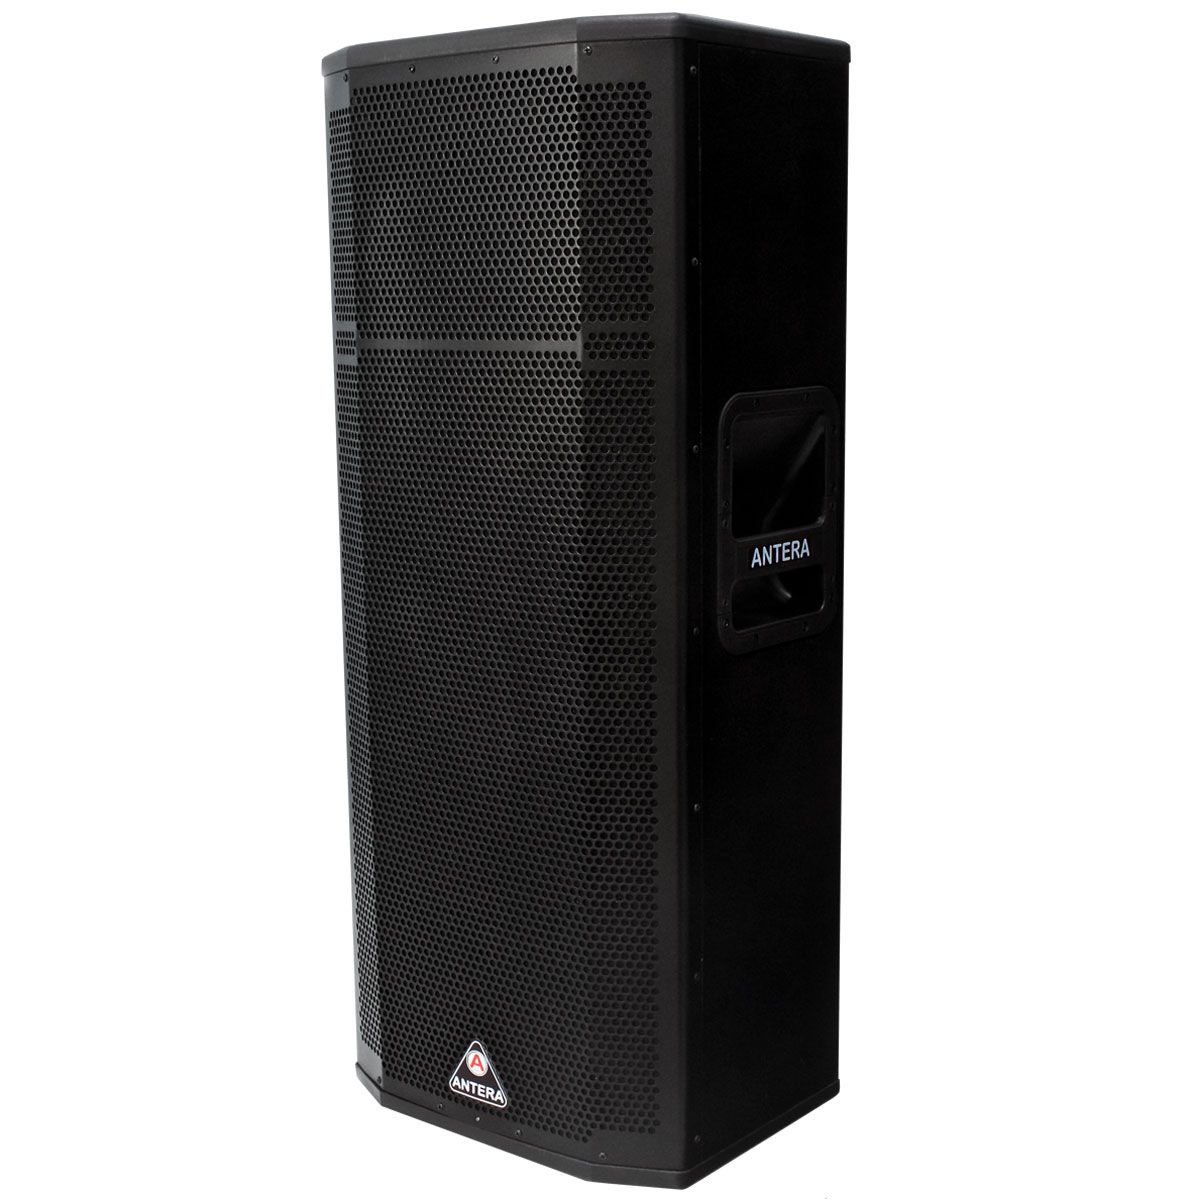 Caixa Ativa Fal 2x12 Pol 600W c/ FLY - HPS 12.2 A Antera